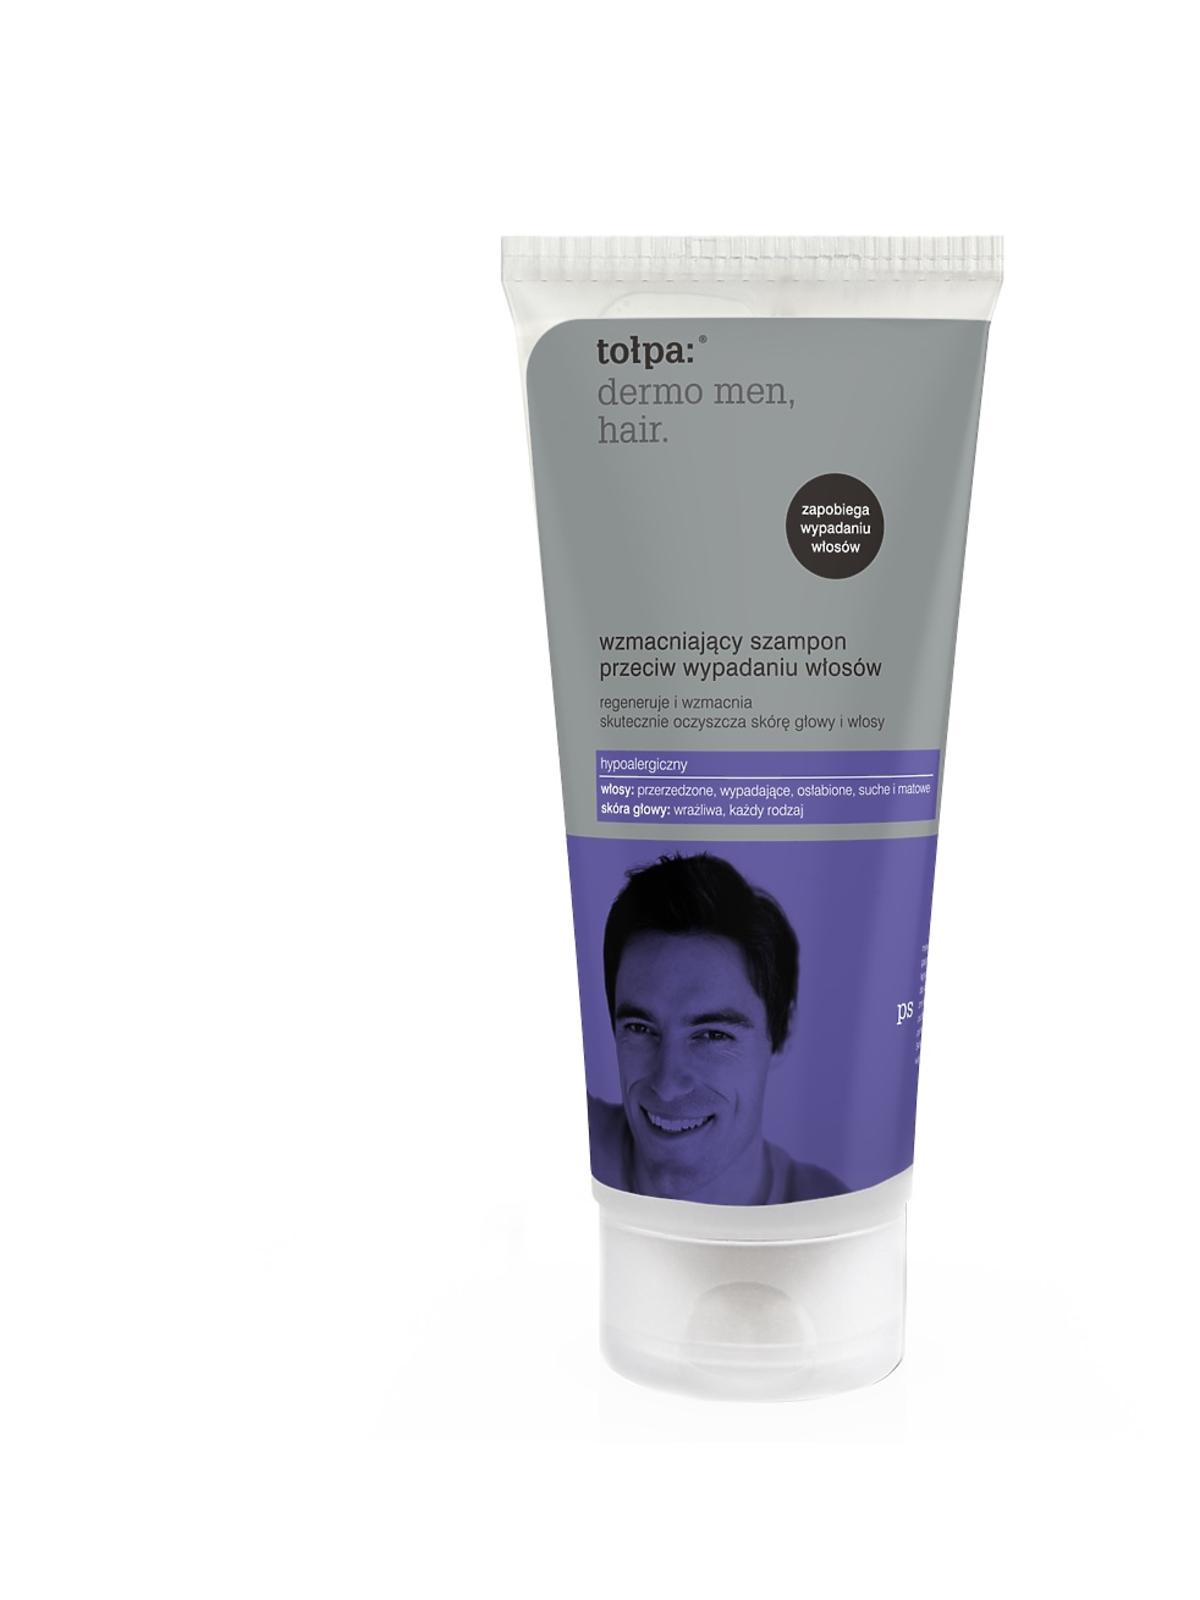 tołpa, dermo man, hair, wzmacniający szampon przeciw wypadaniu włosów